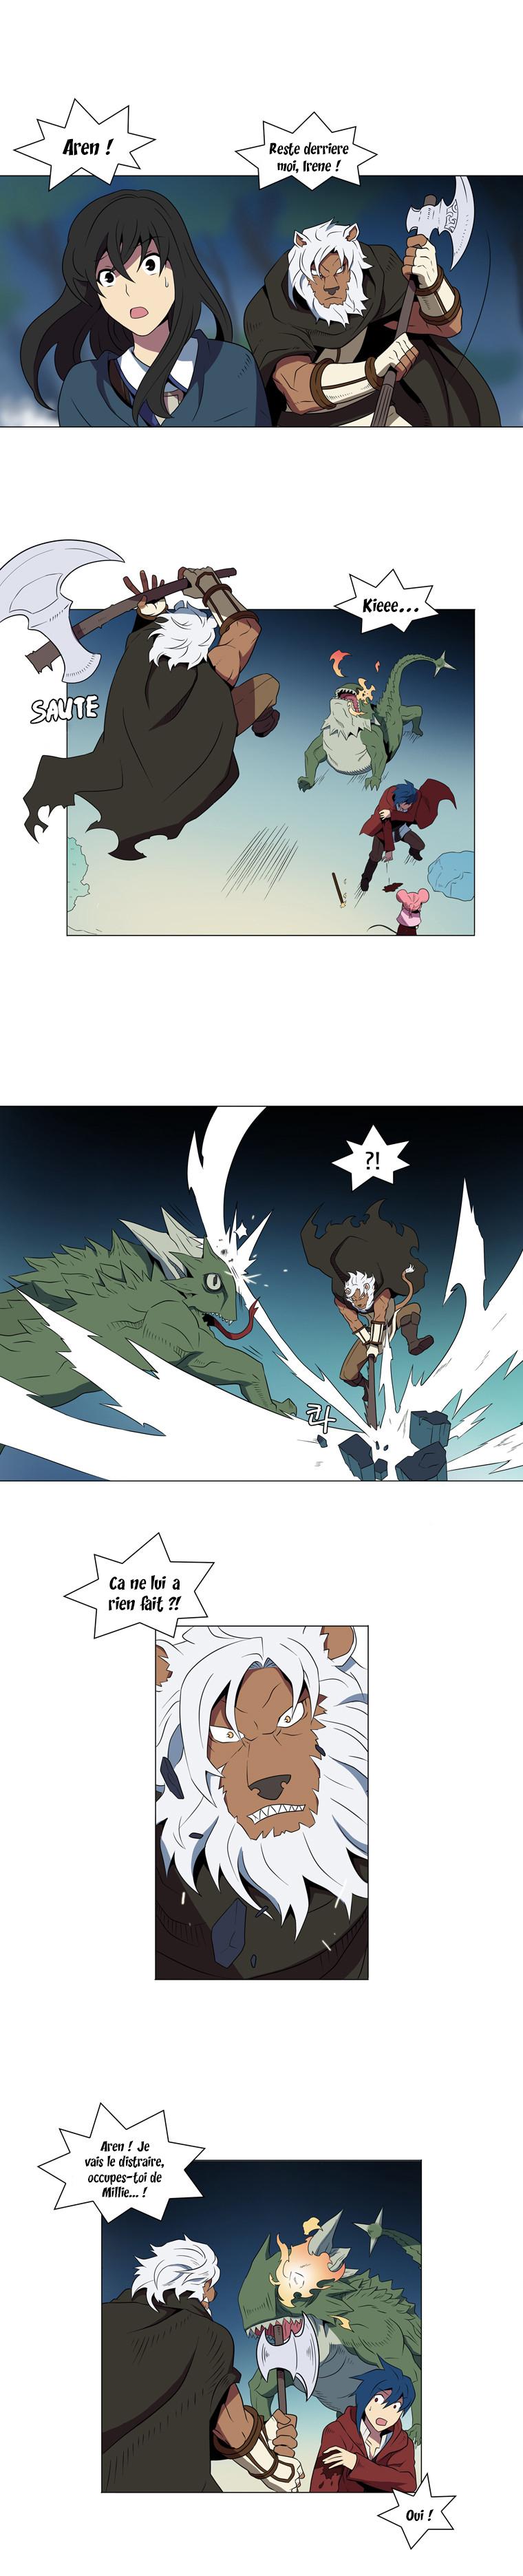 https://nine.mangadogs.com/fr_manga/pic1/5/2053/74644/LimeOdyssey10VF_0_72.jpg Page 1